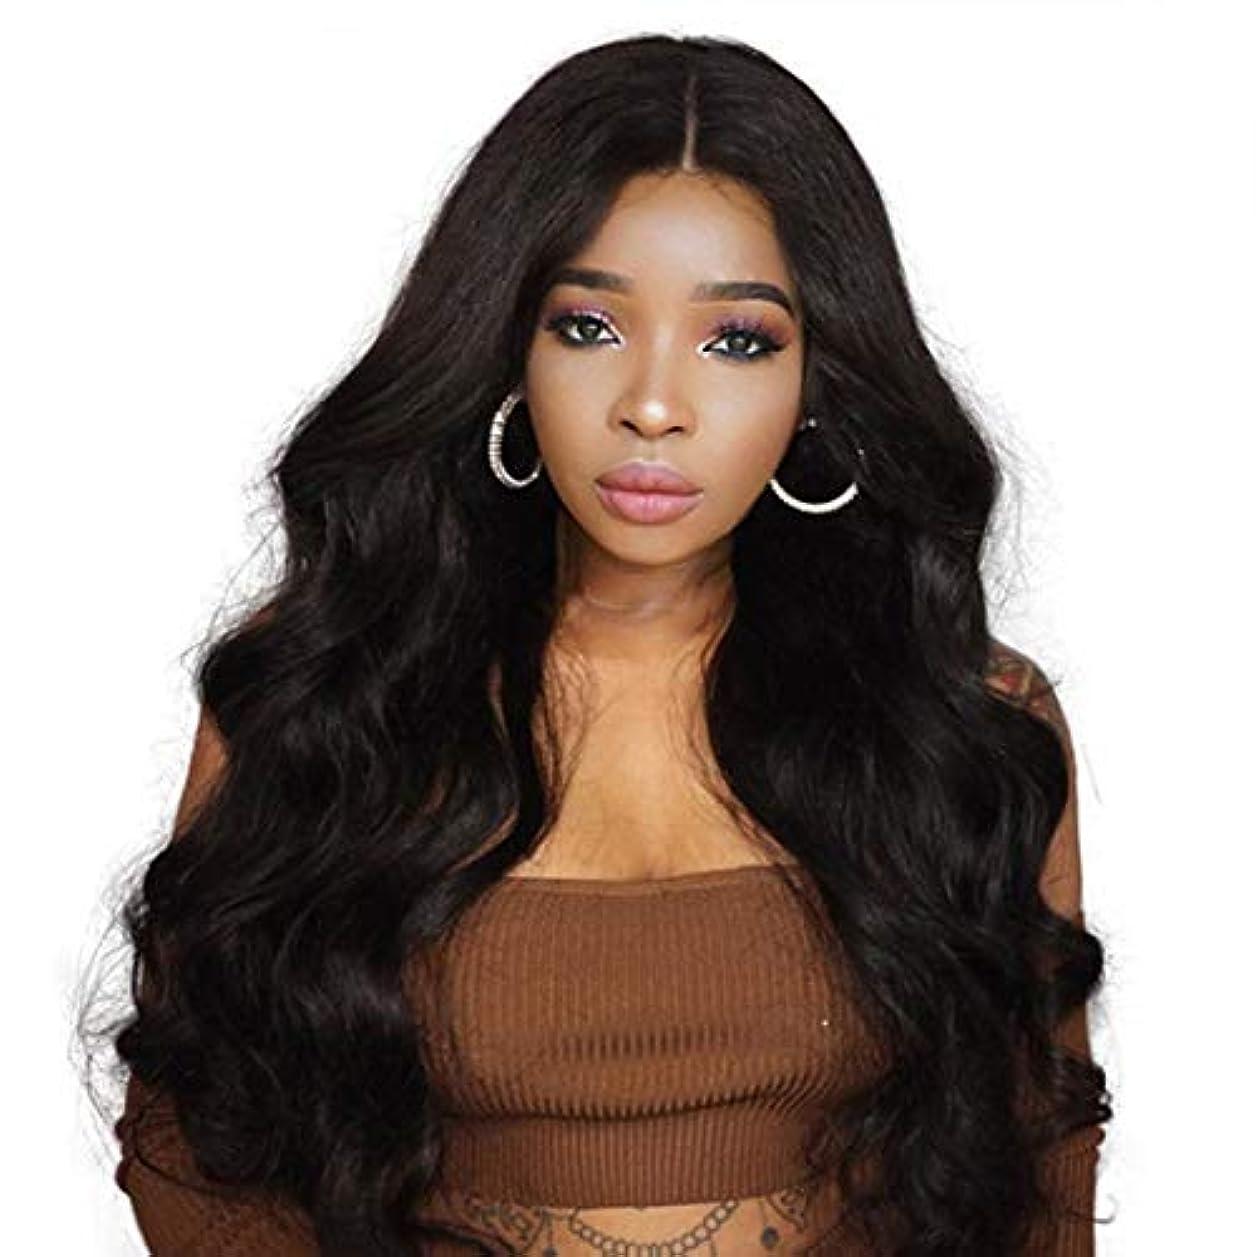 触覚自発ファイルKerwinner 黒人女性のための長い波状の合成かつらカーリー合成かつら